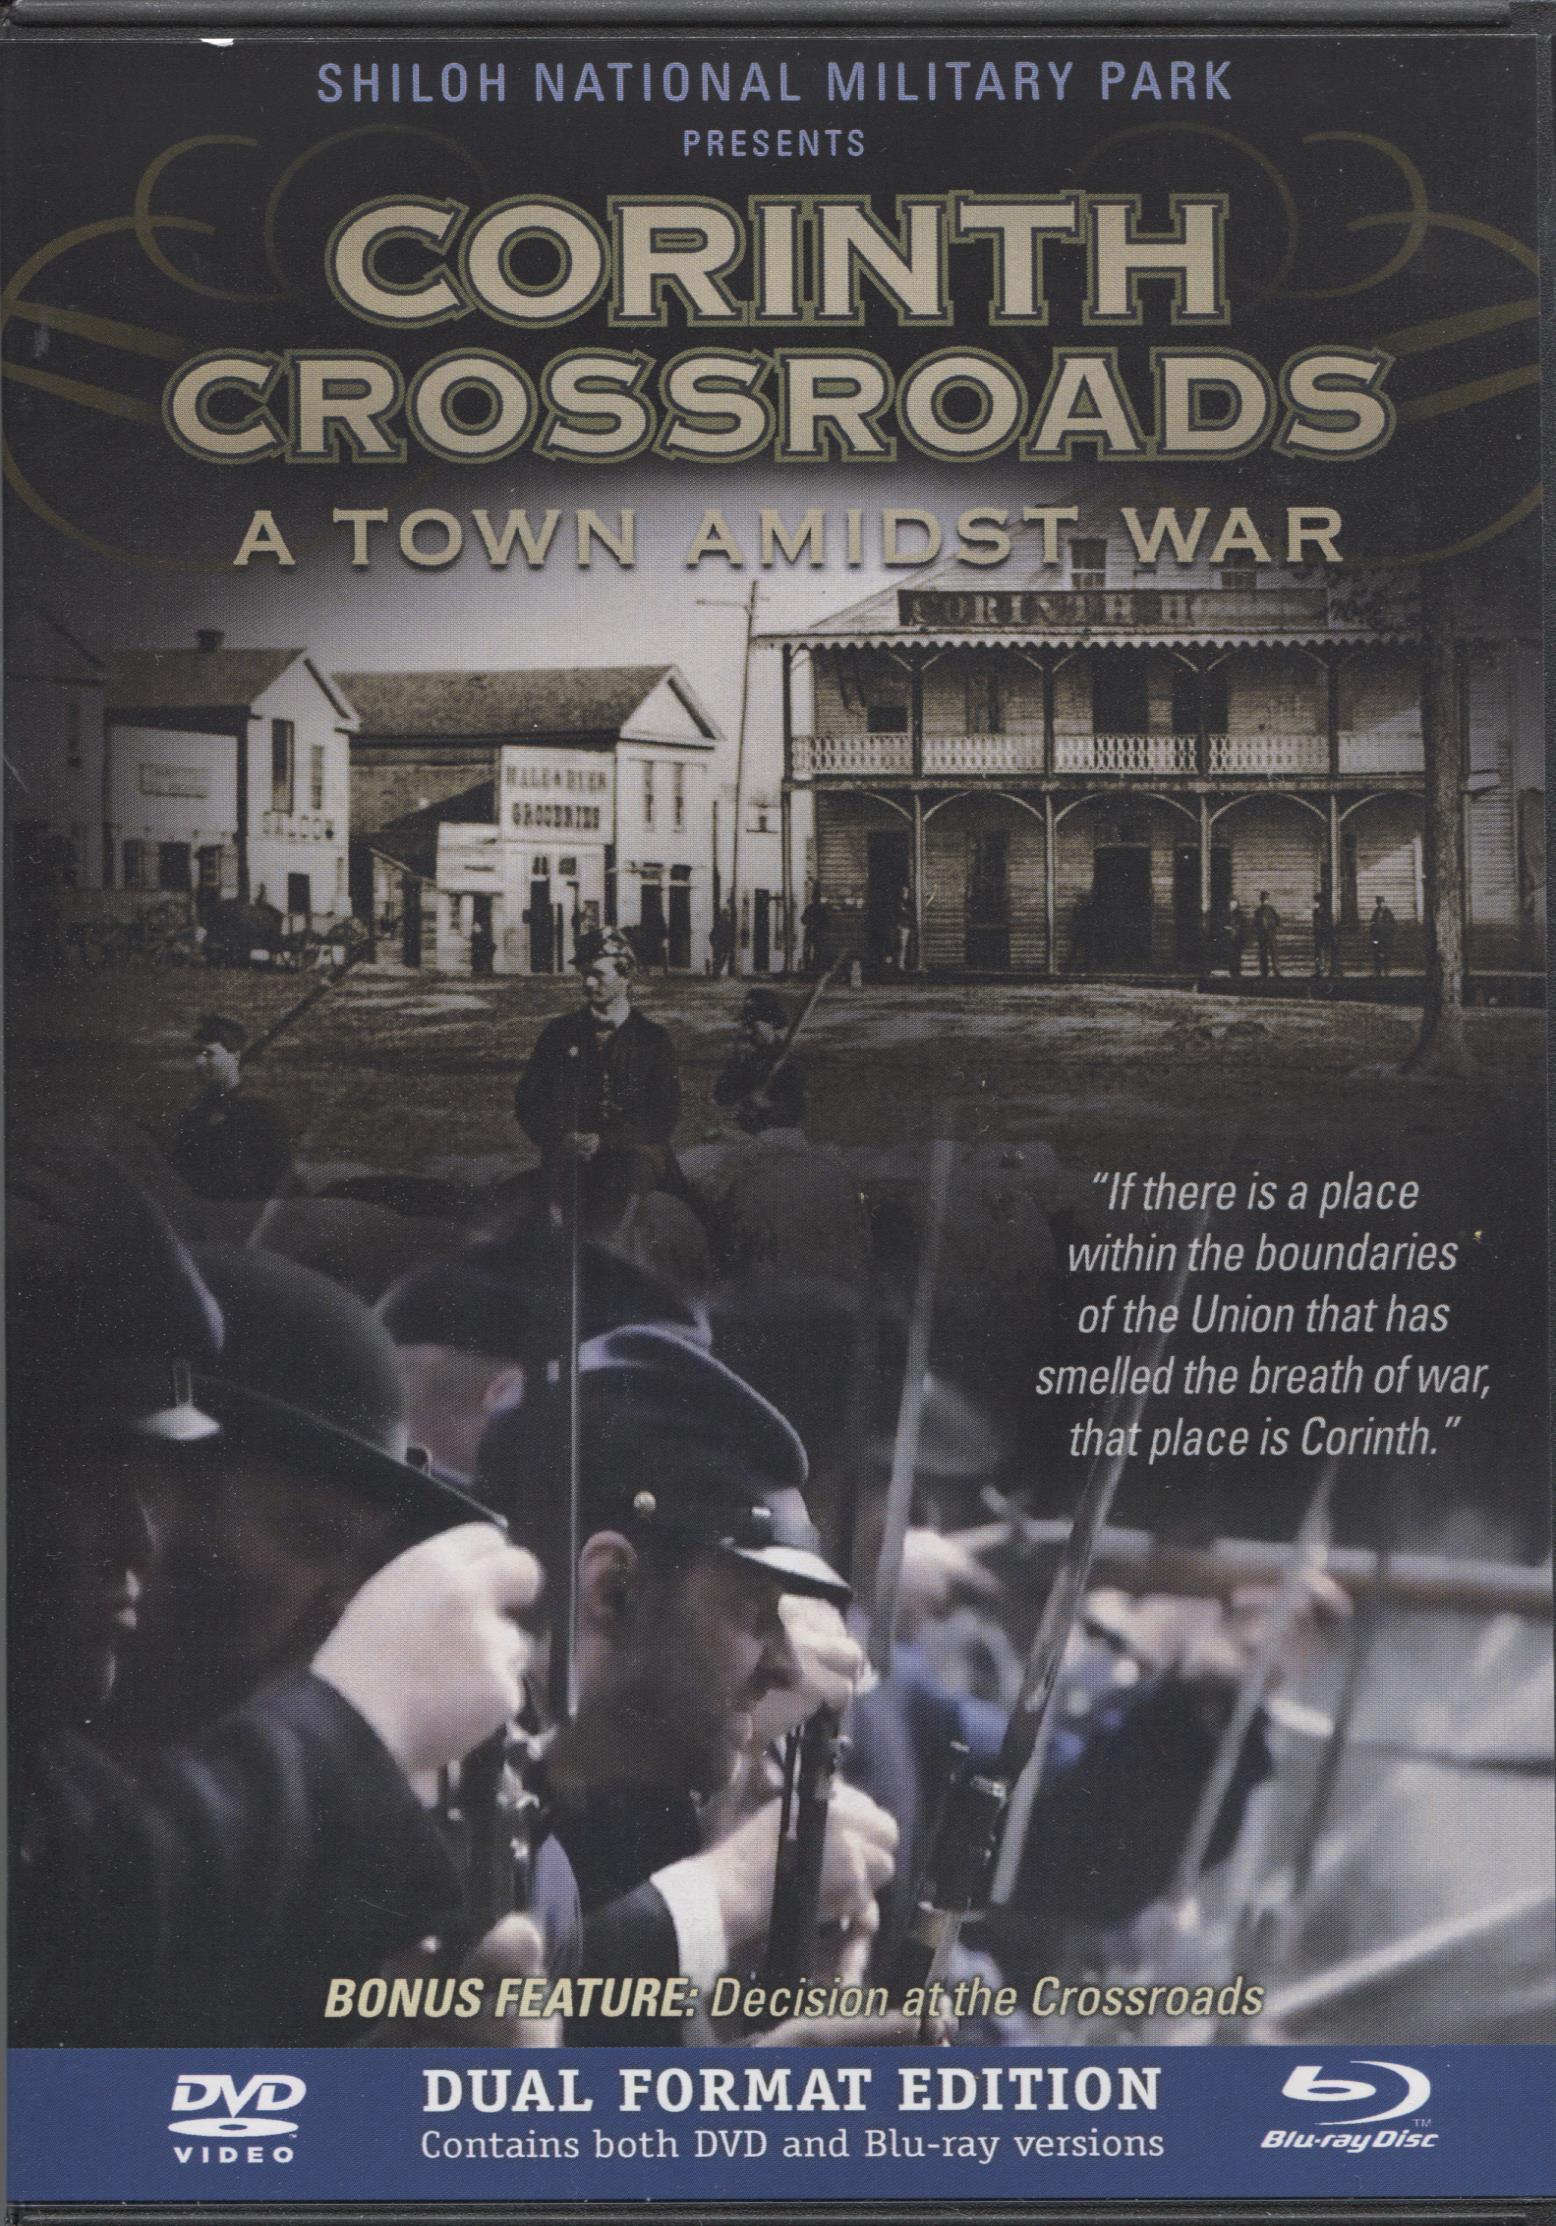 Corinth Crossroads: A Town Amidst War (2013)